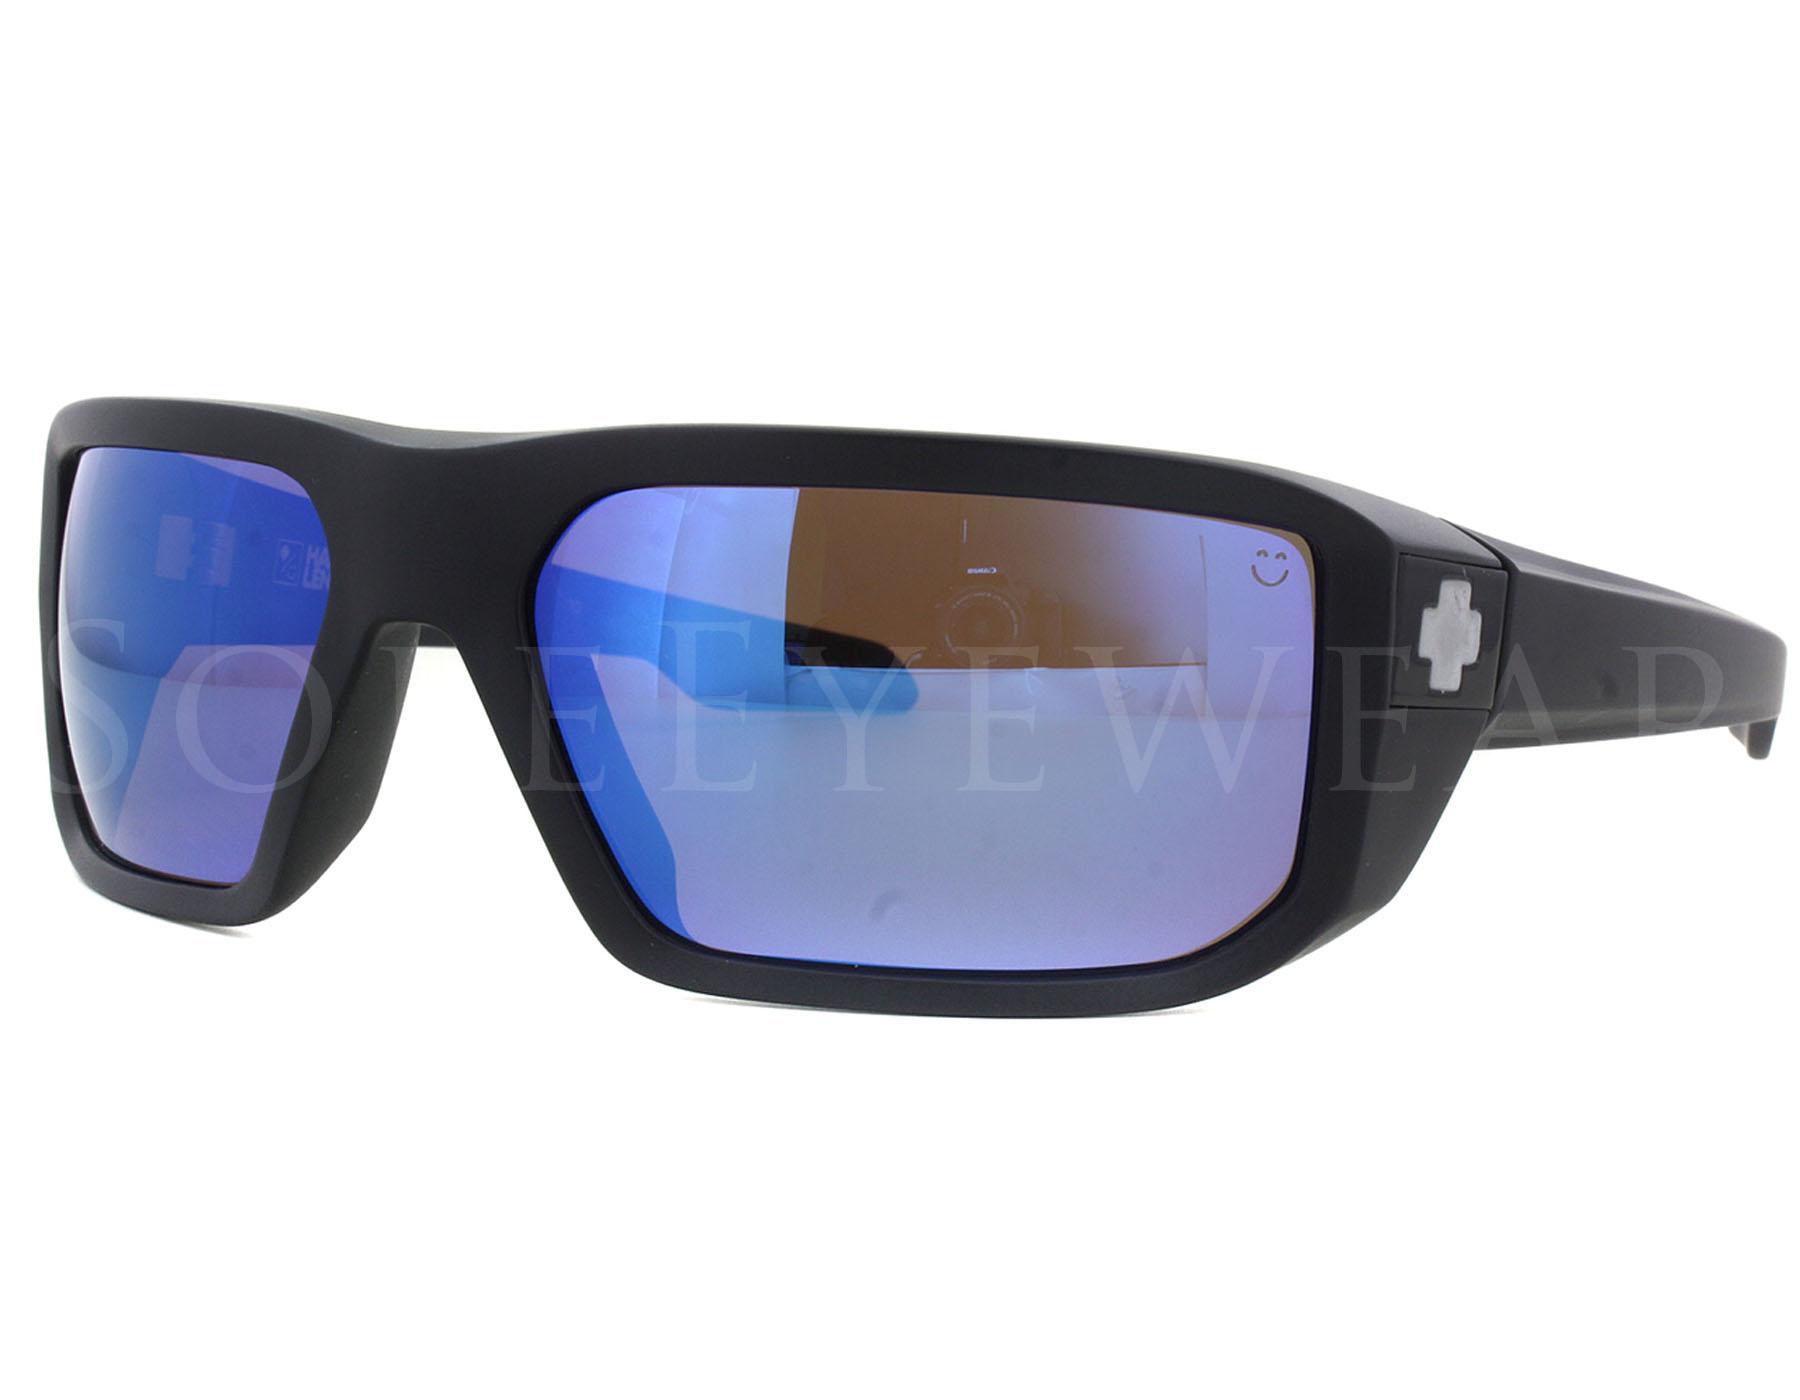 092d22877f Details about NEW Spy Optics Mccoy 673012374280 Matte Black   Hap Bronze  Polar Blue Sunglasses